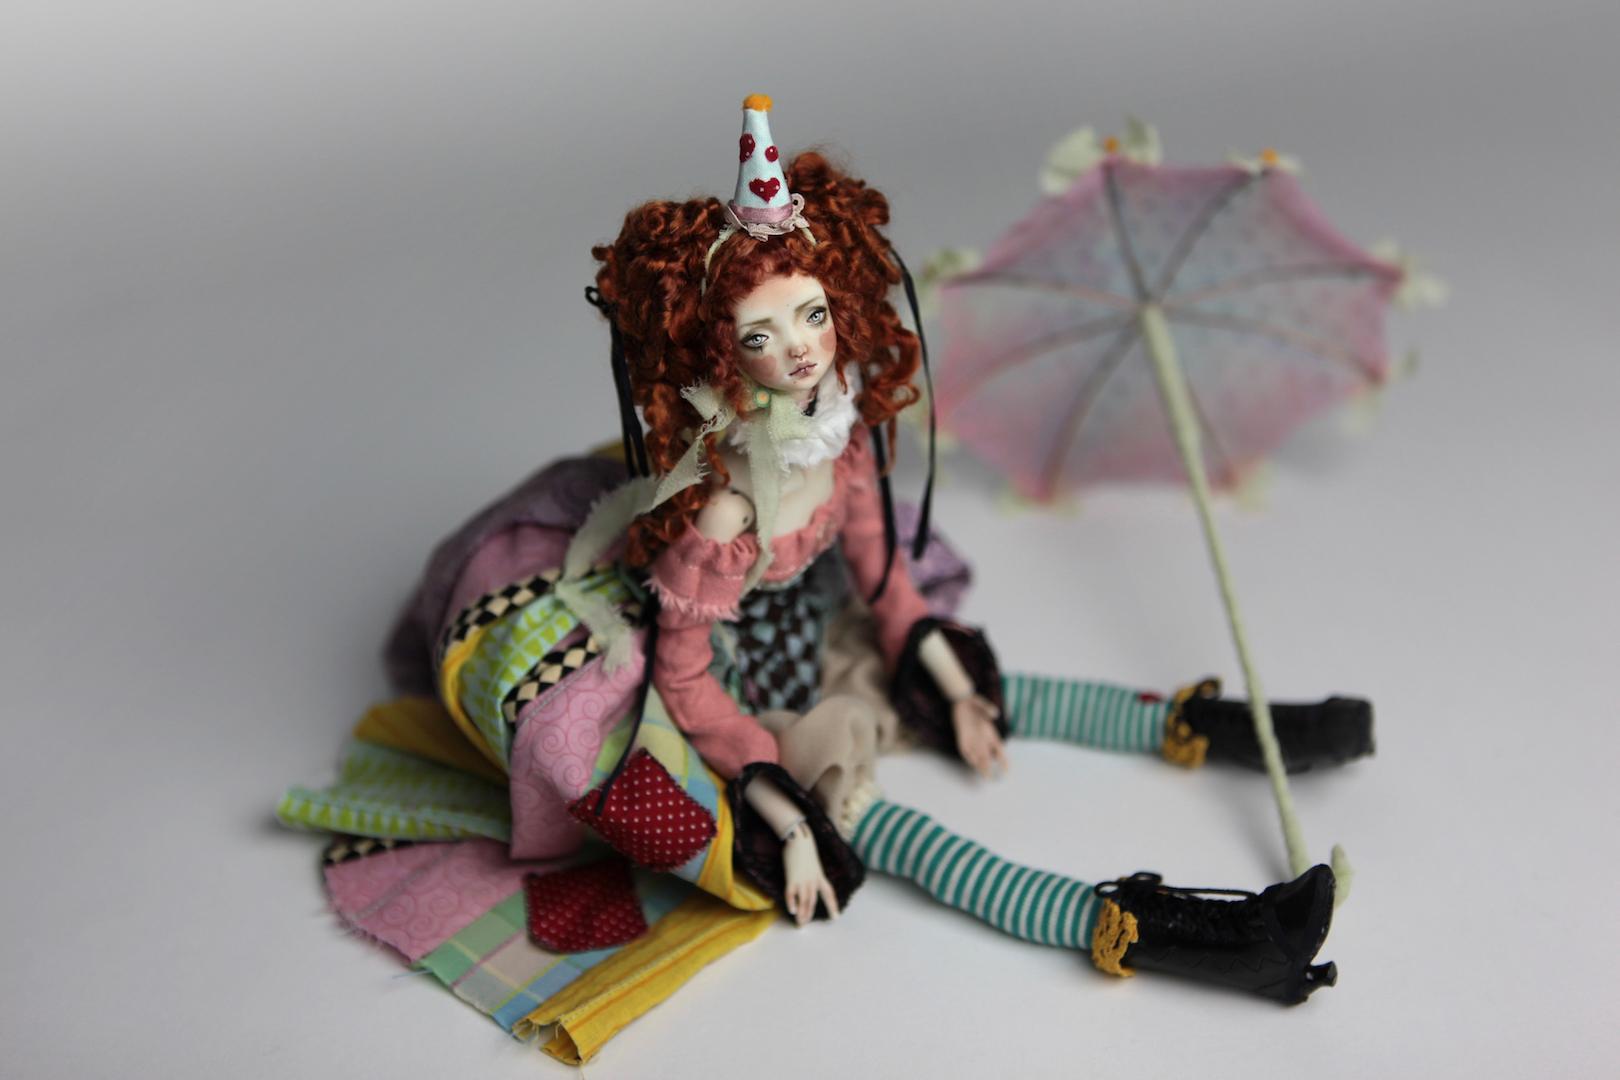 IMG 8583 15 Victorian Roadside Circus BJD Clown Agata